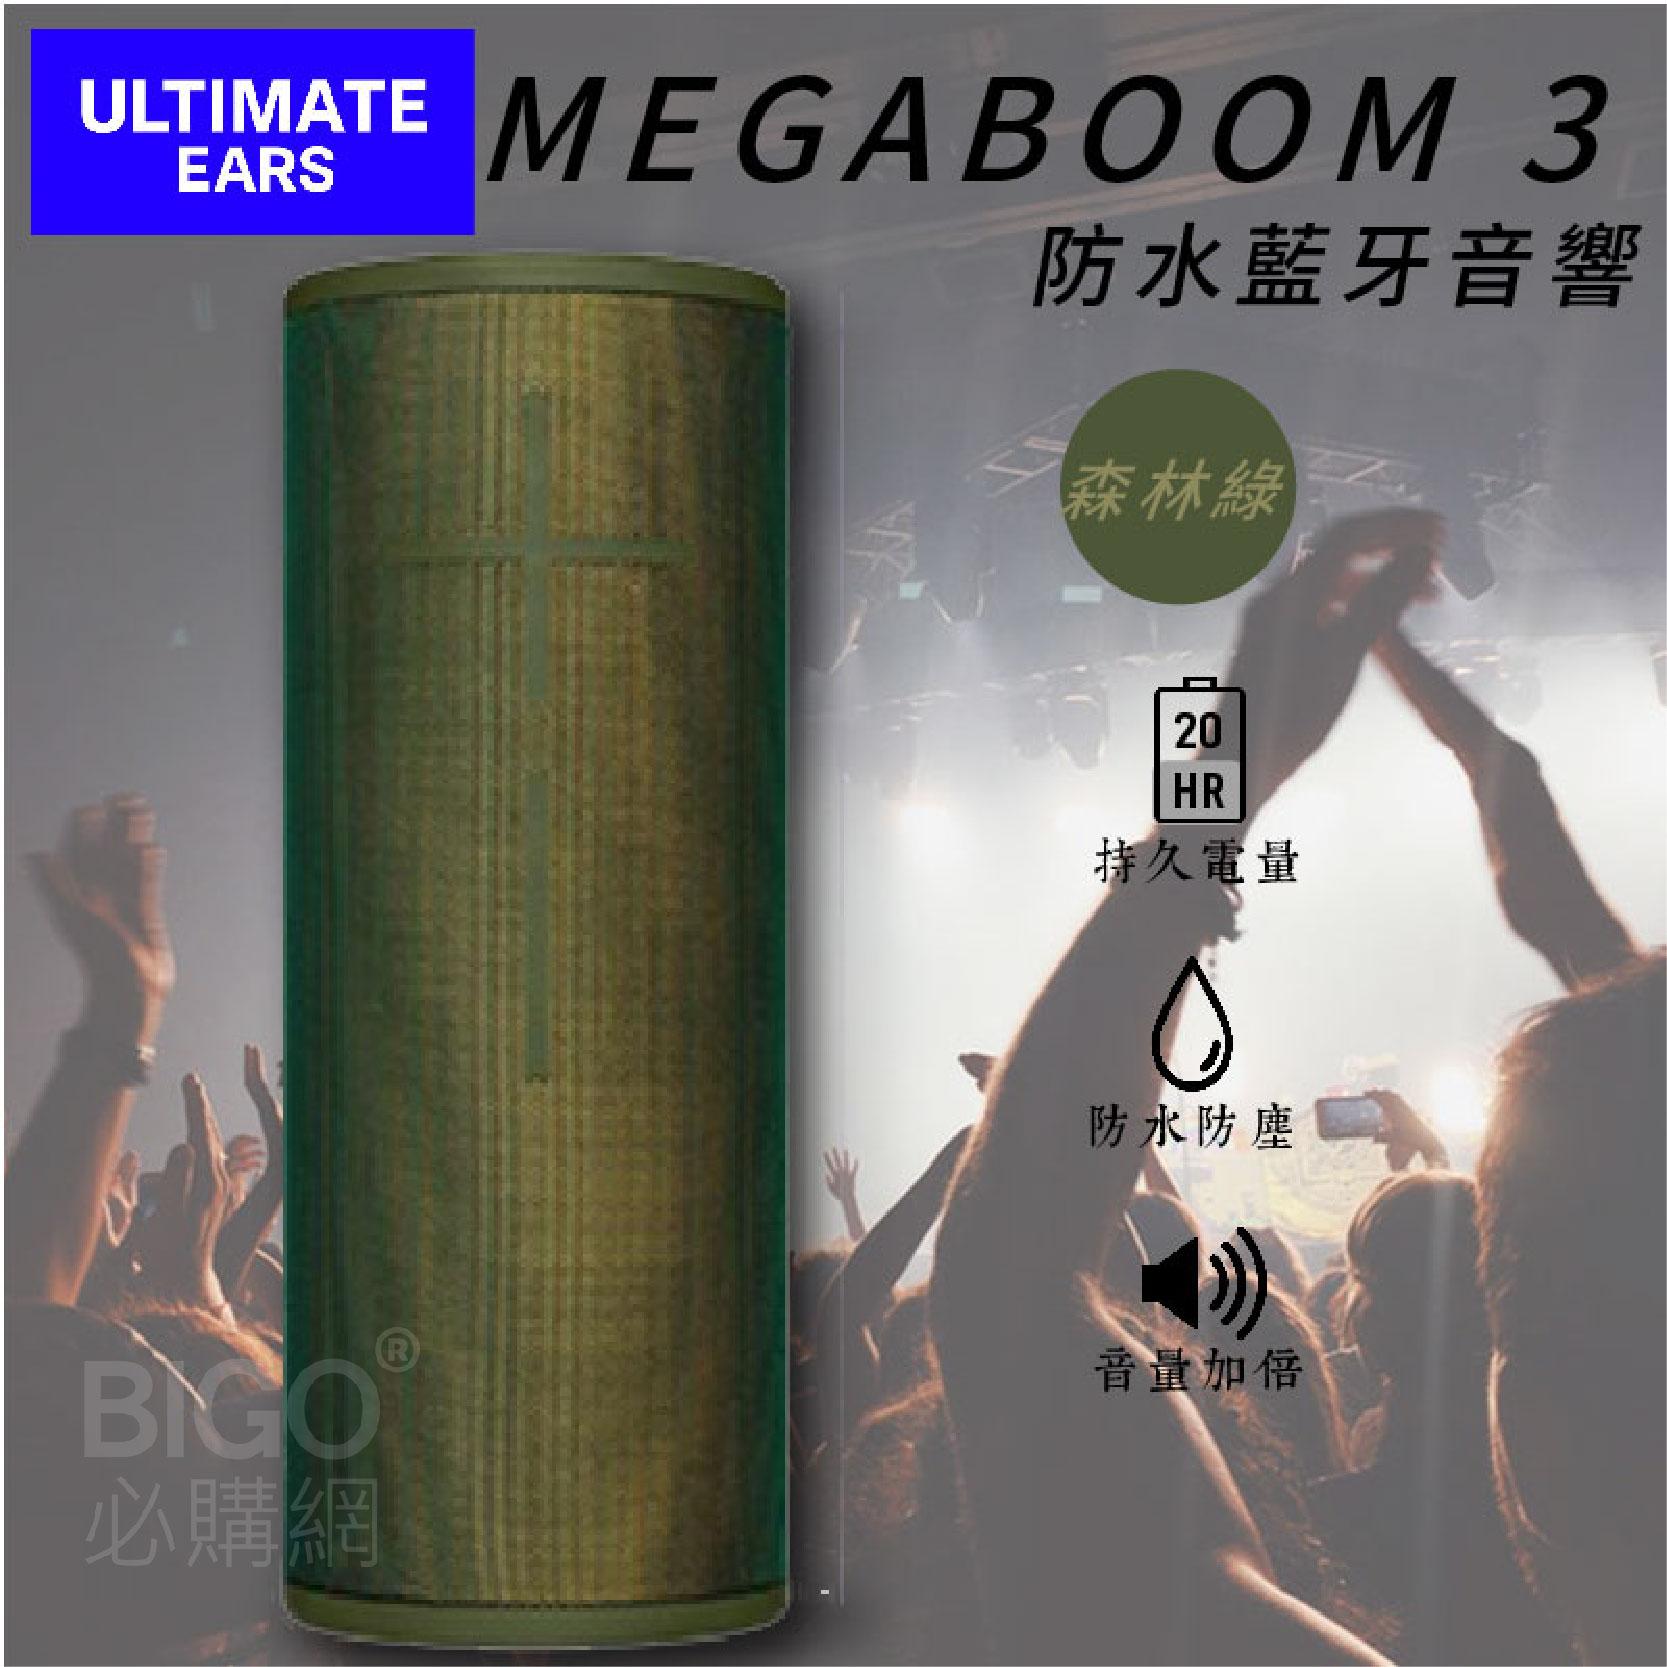 超大音量🔊美國UE MEGABOOM3 森林綠 藍芽喇叭 防水 防塵 可浮水  IP67 音量增強 操作簡易 無線